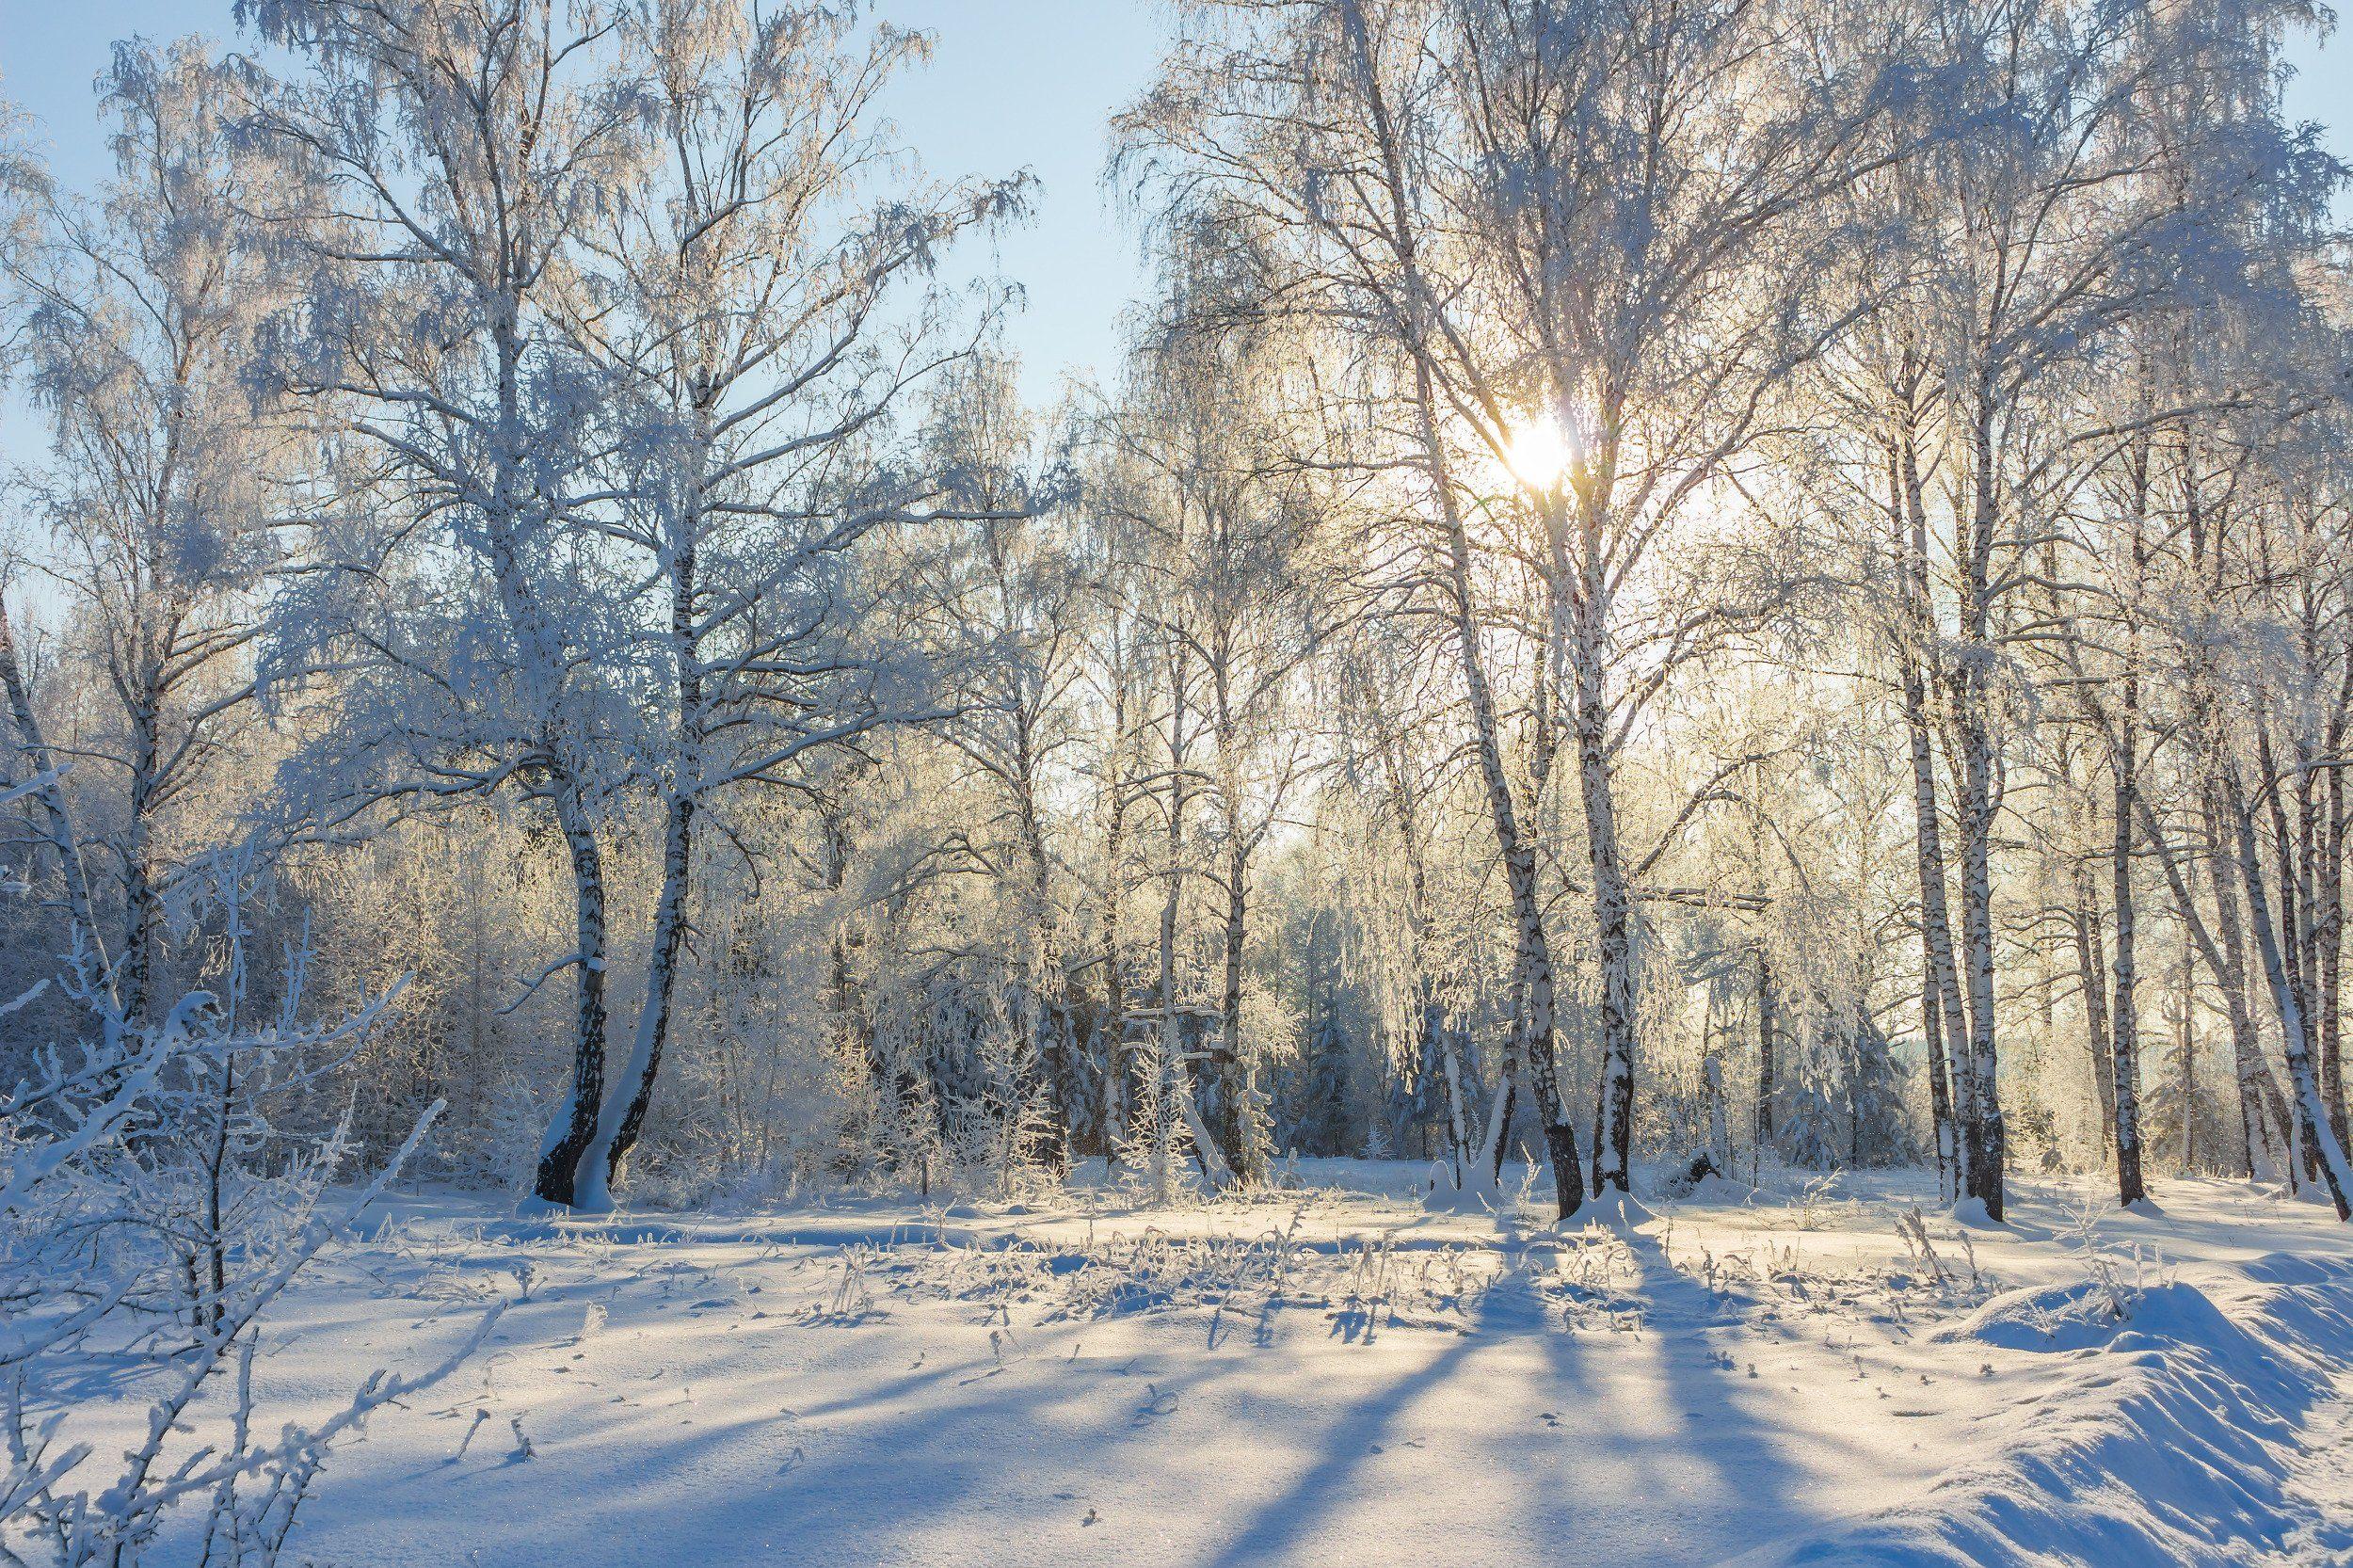 снег, природа, мороз, лес, иней, зима, Востриков Руслан